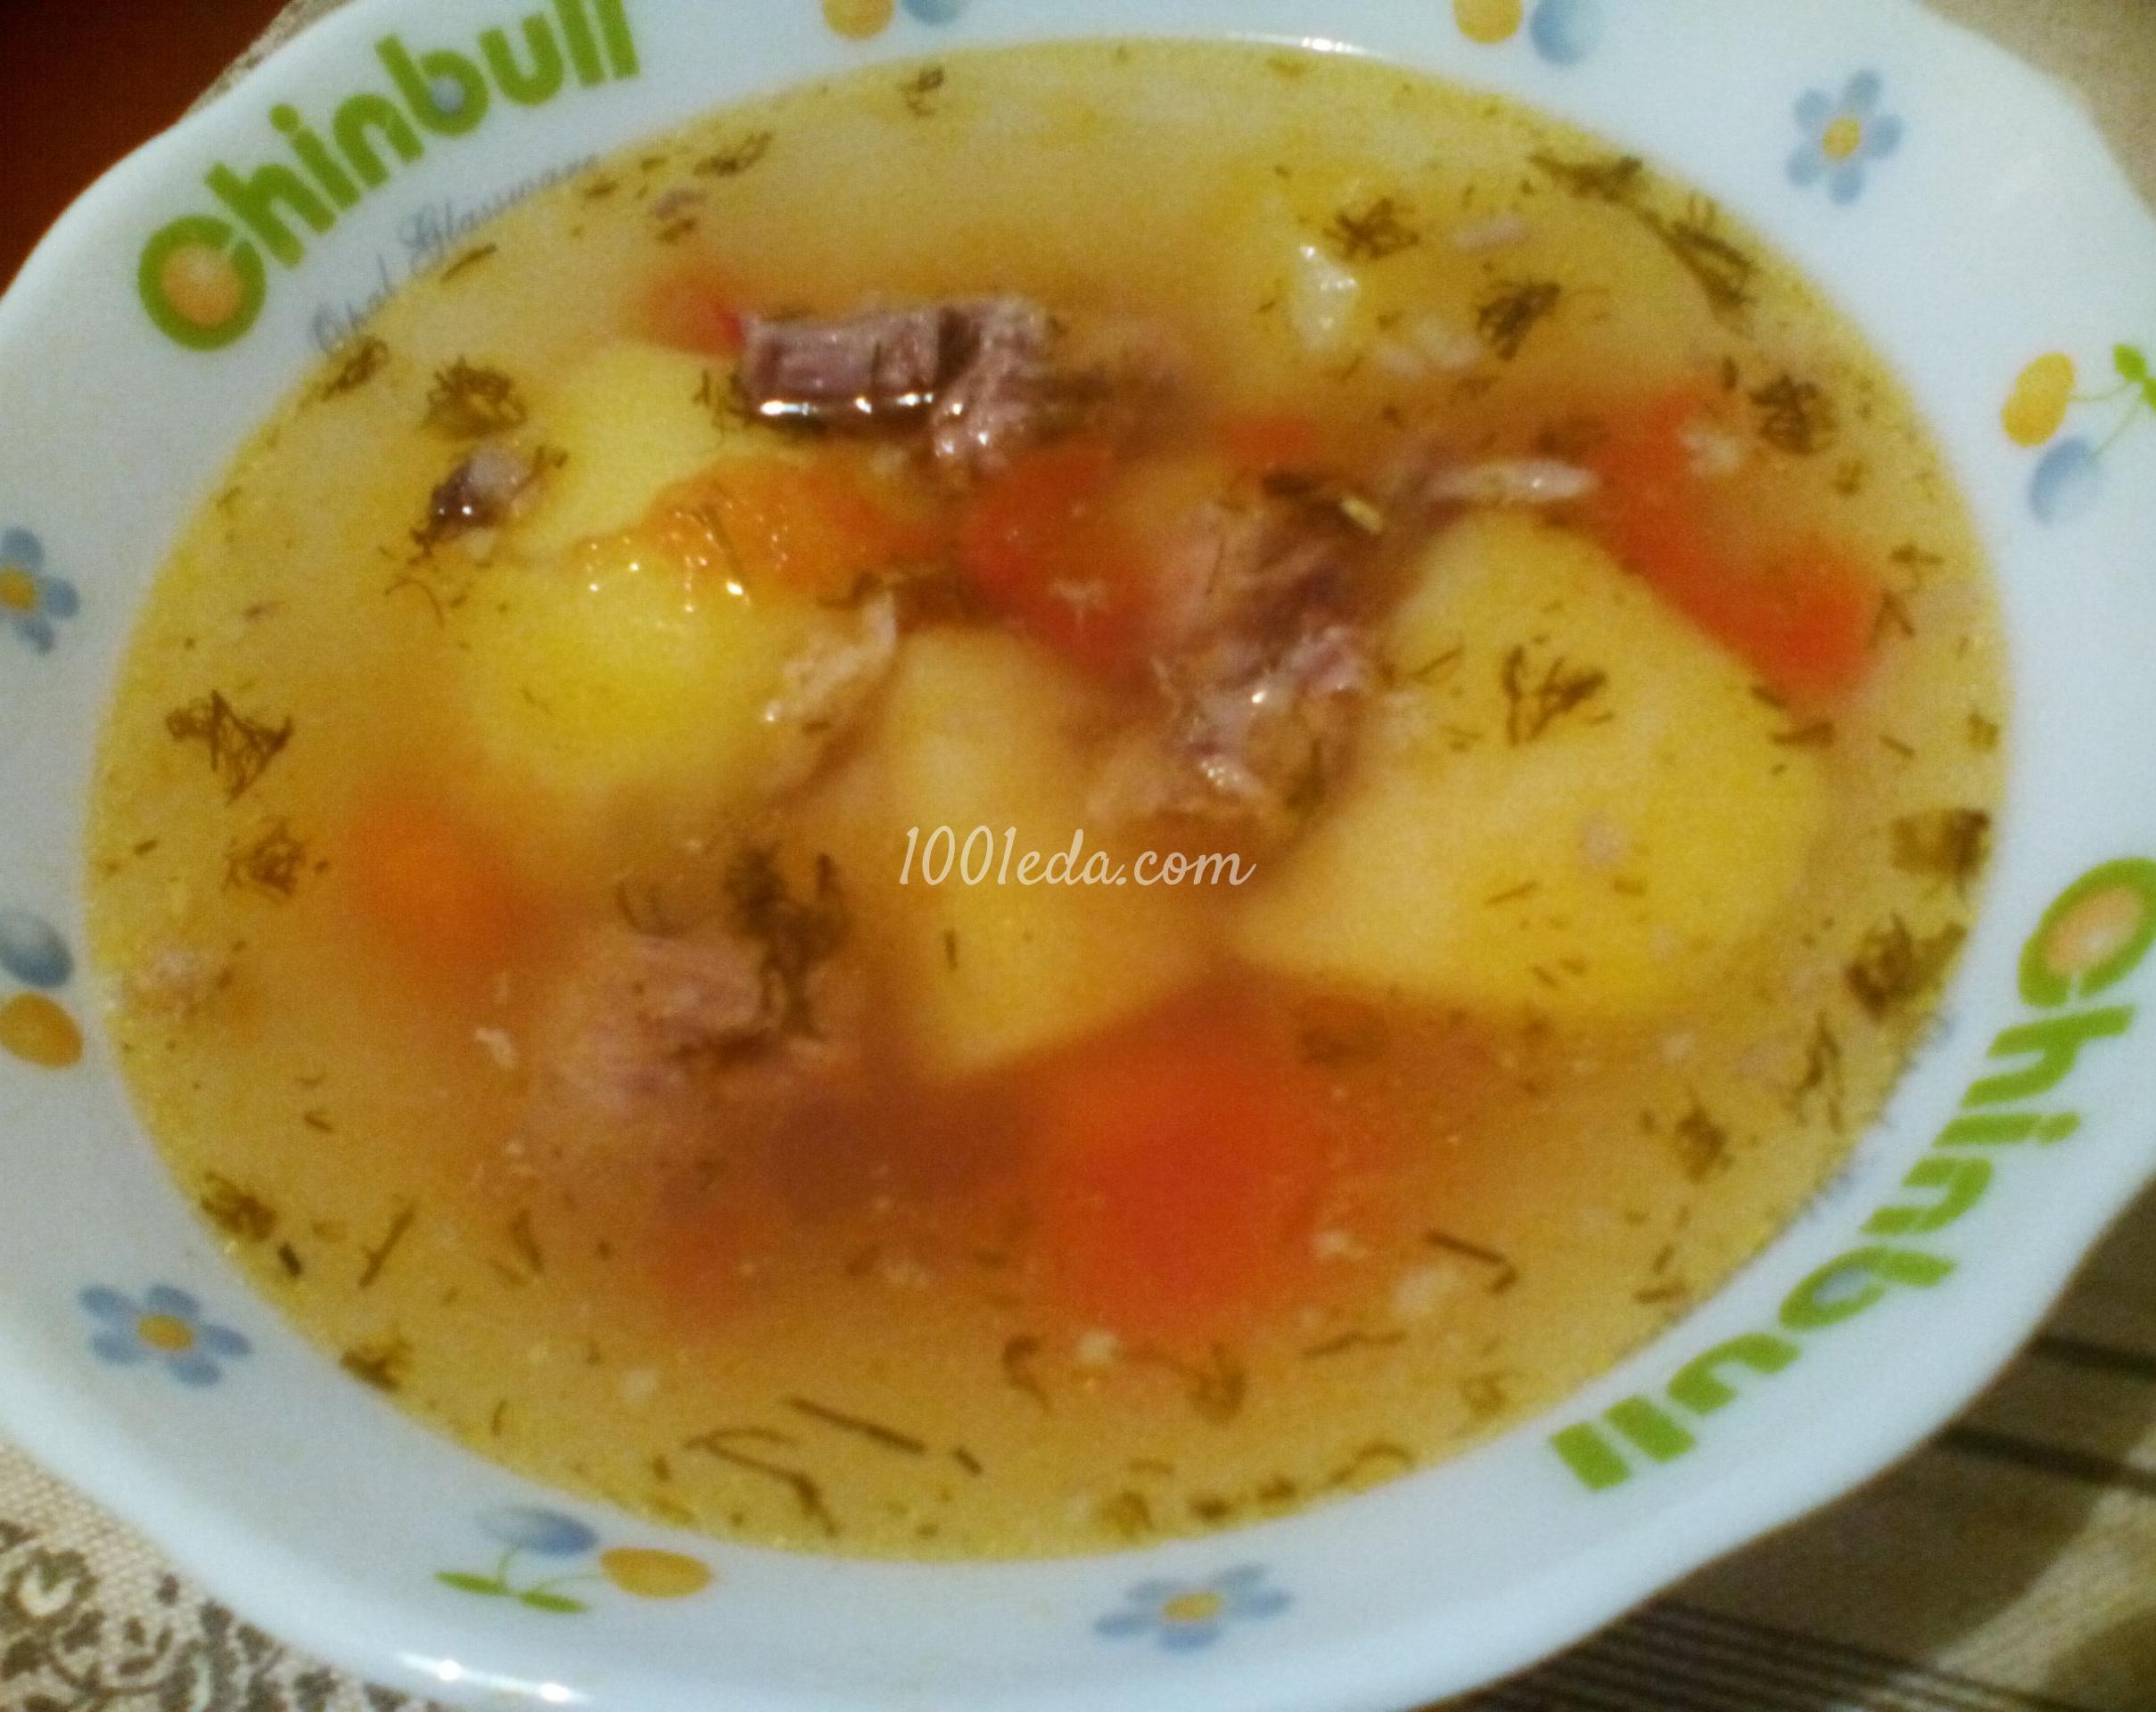 овощные супы на овощном бульоне рецепты